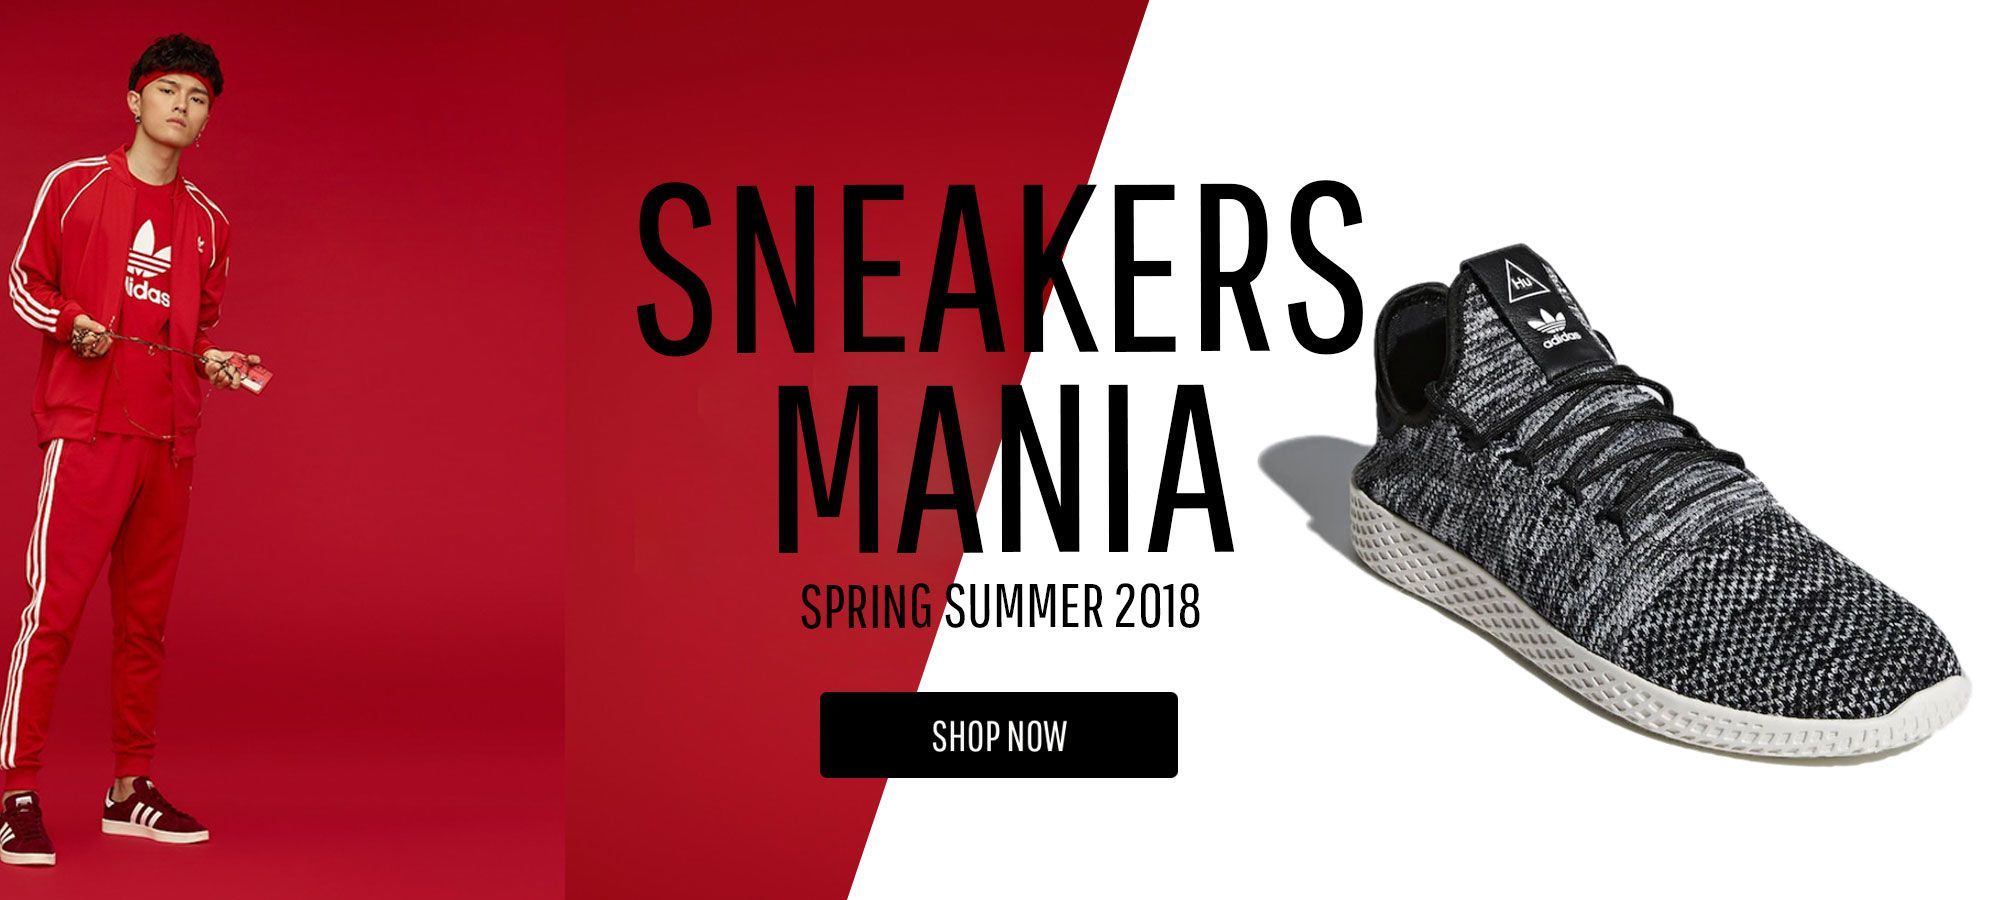 Adidas Men - Spring Summer 2018